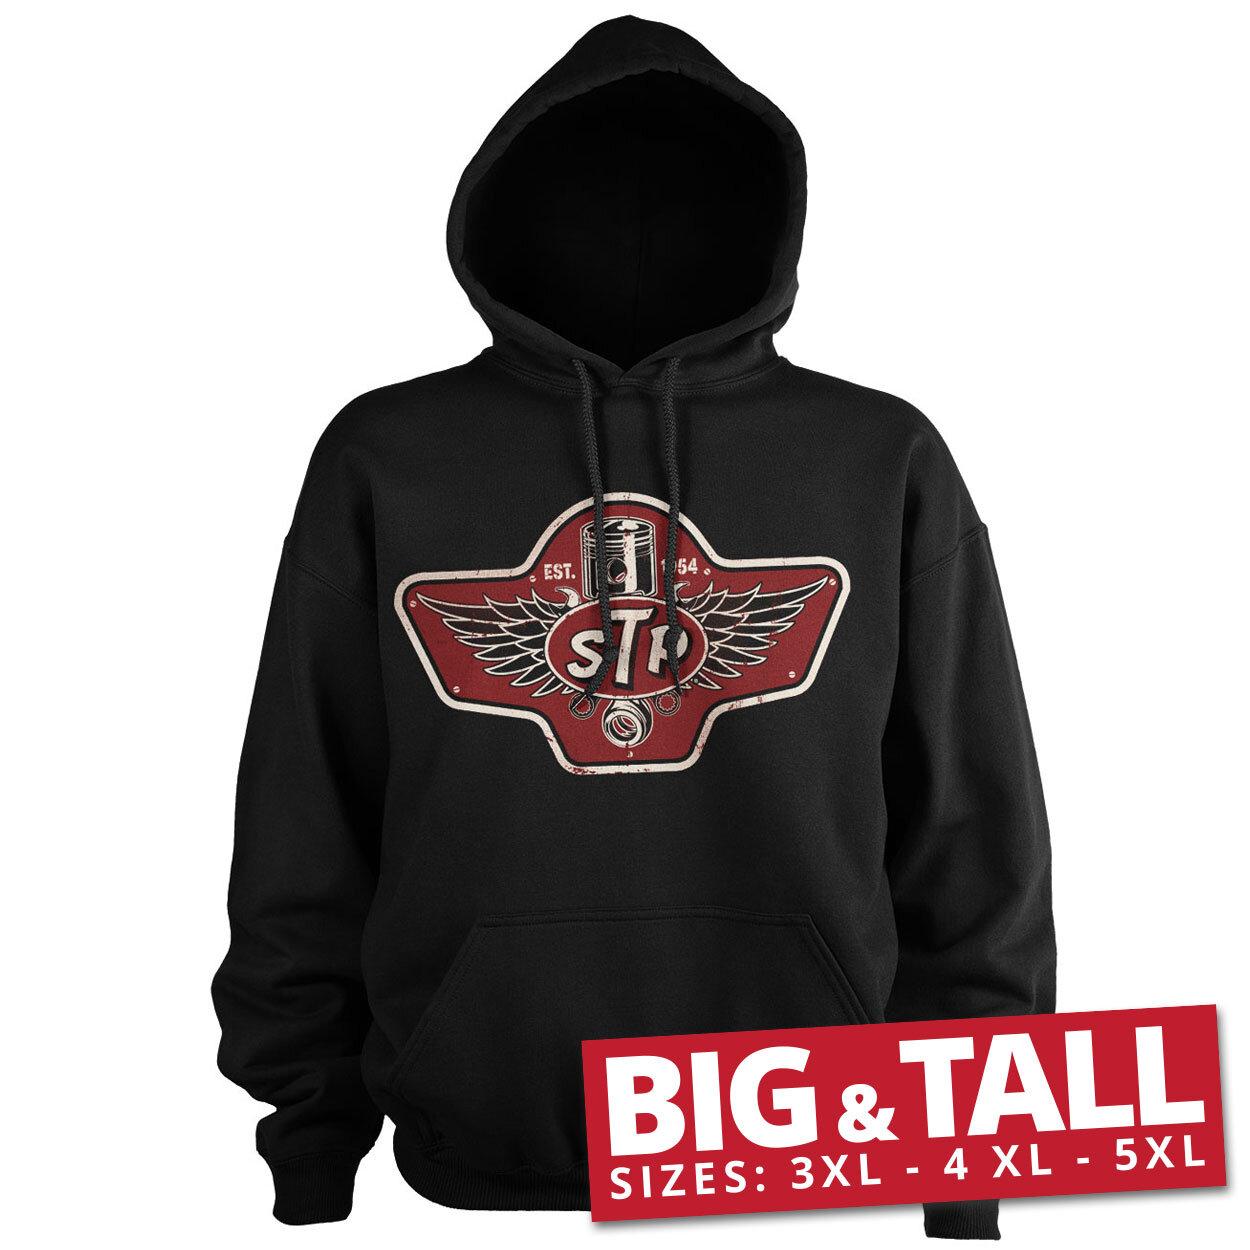 STP Piston Emblem Big & Tall Hoodie